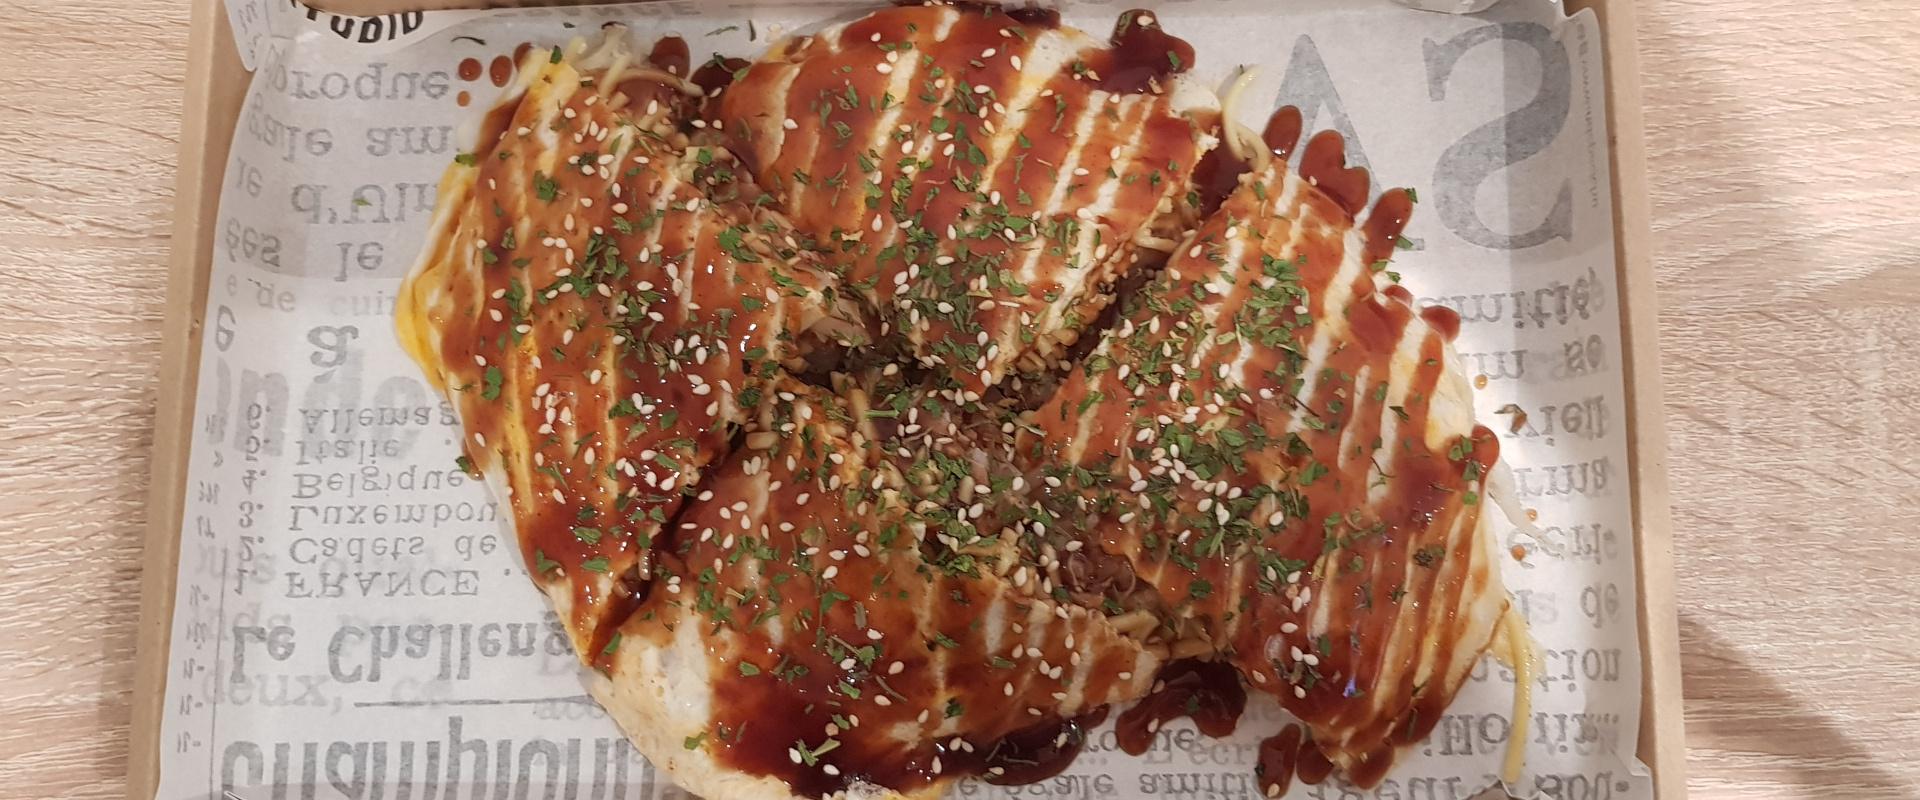 okonomiyaki cover